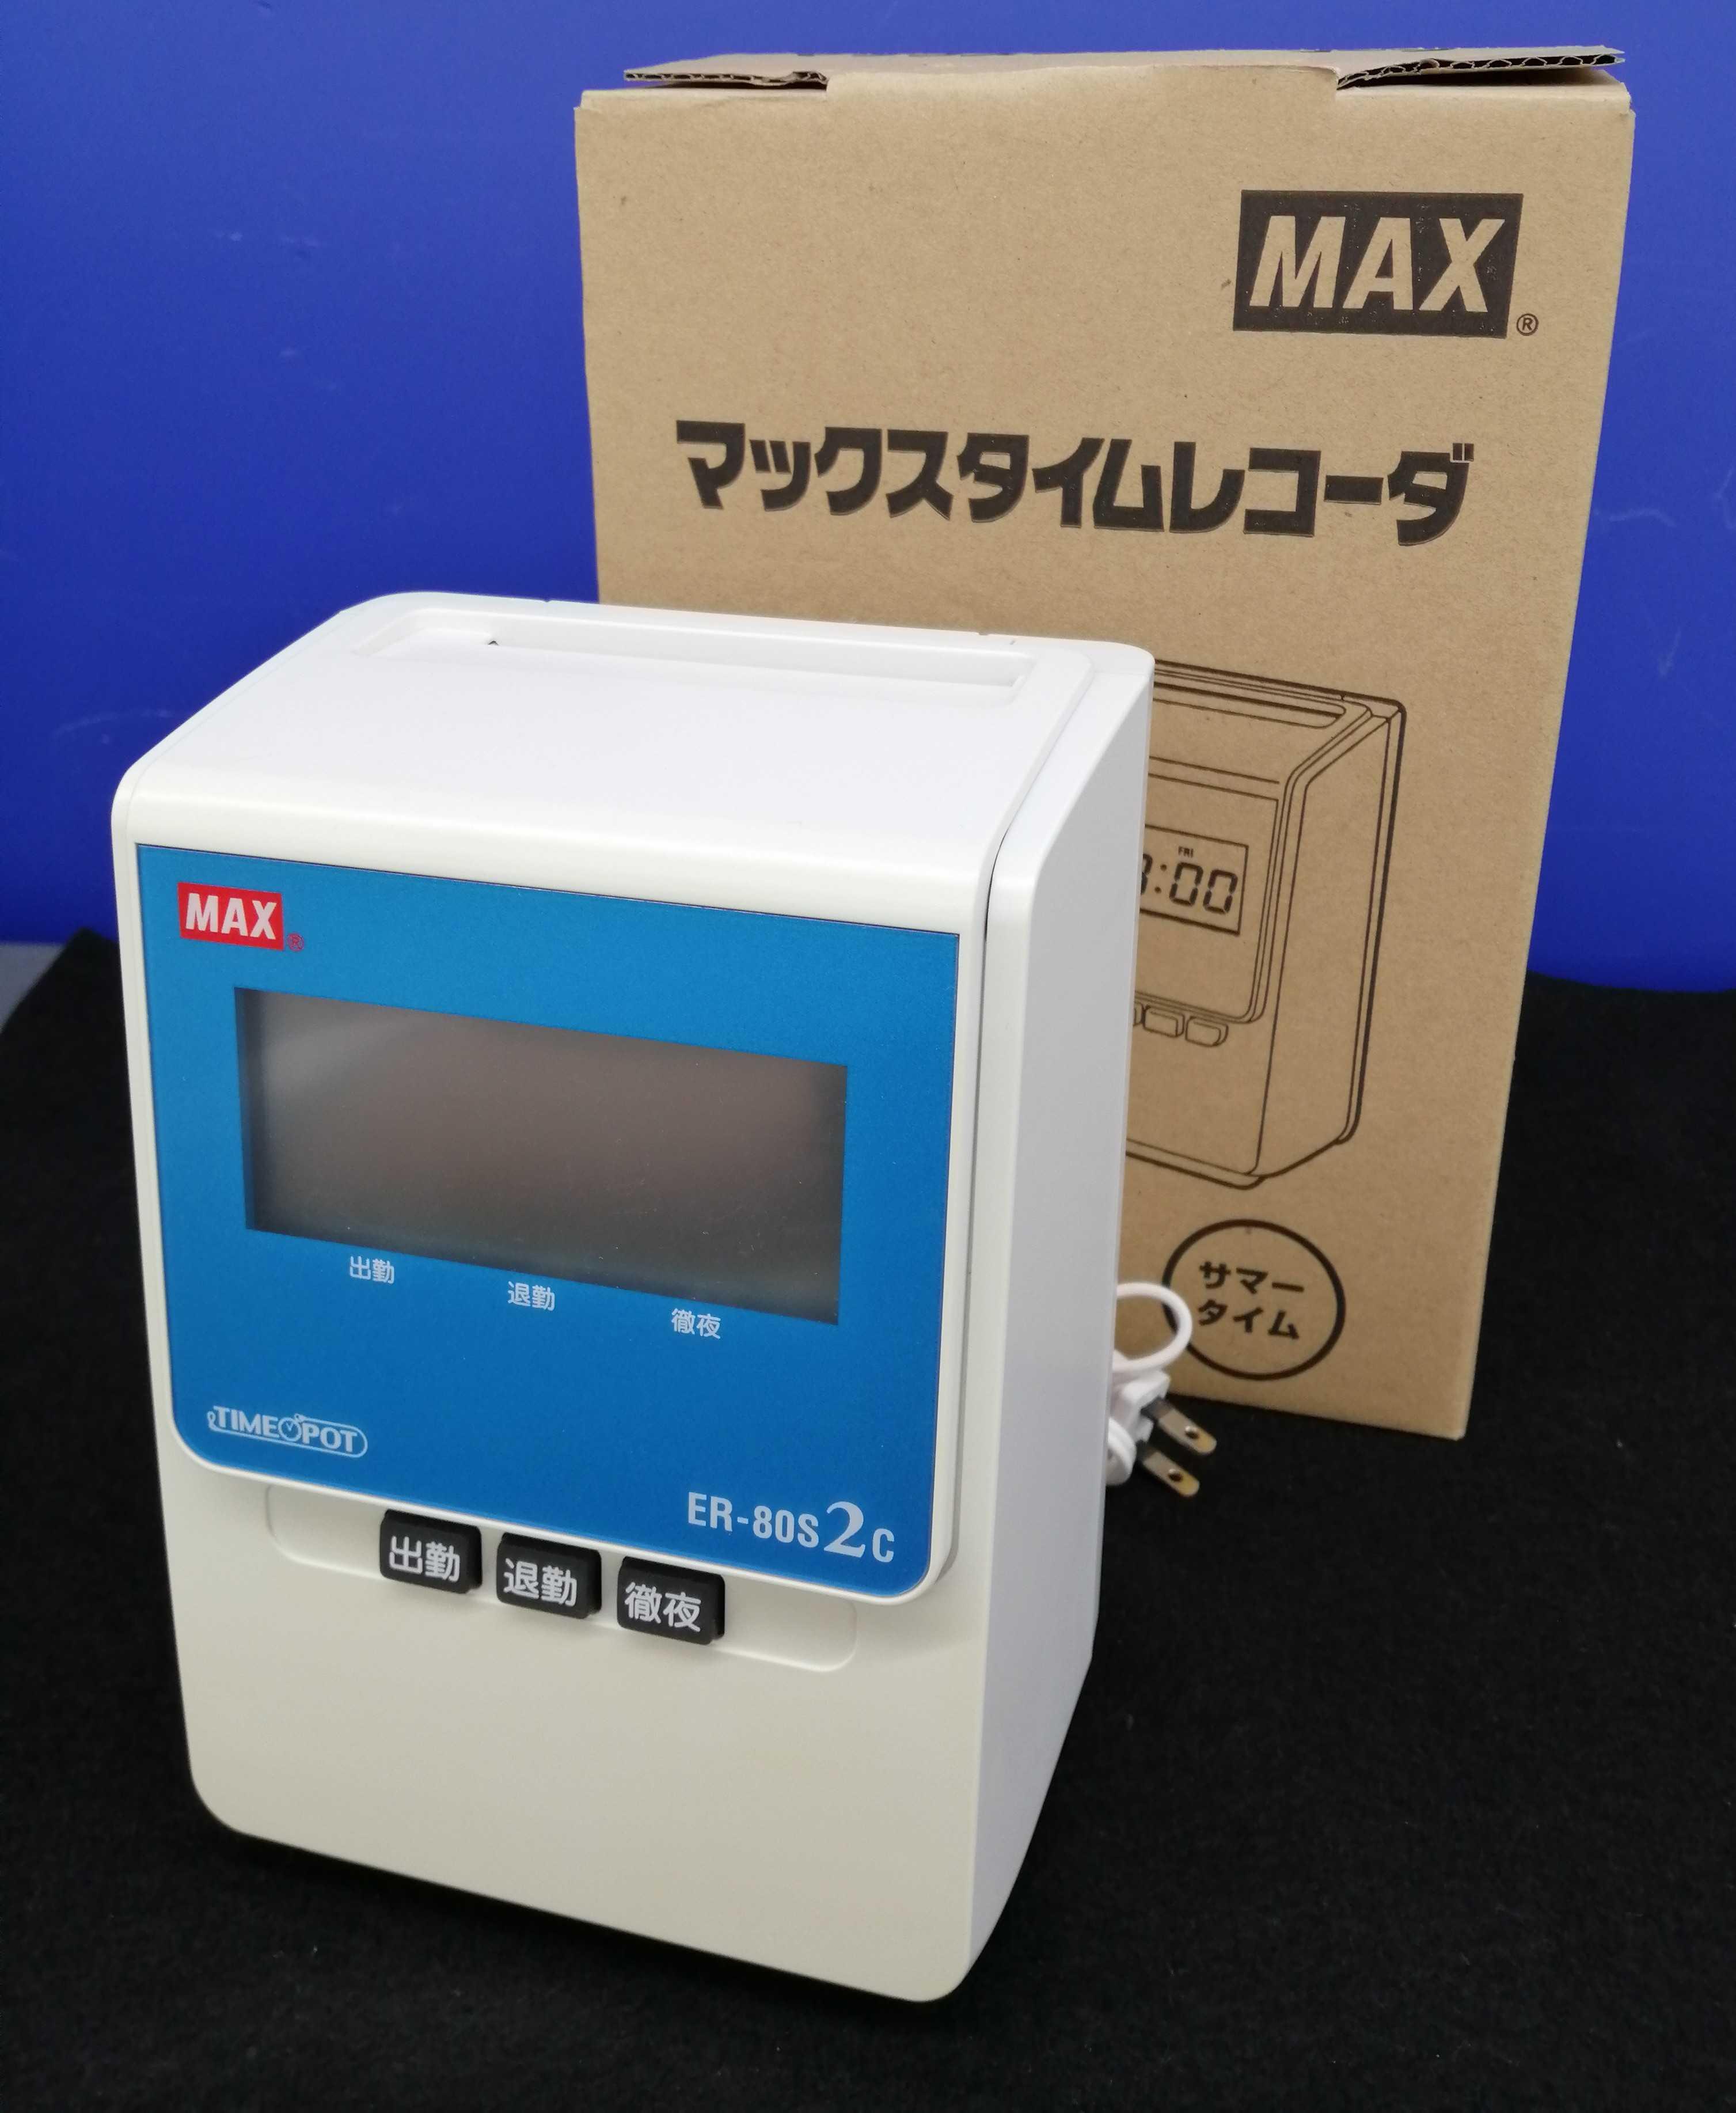 タイムレコーダー MAX